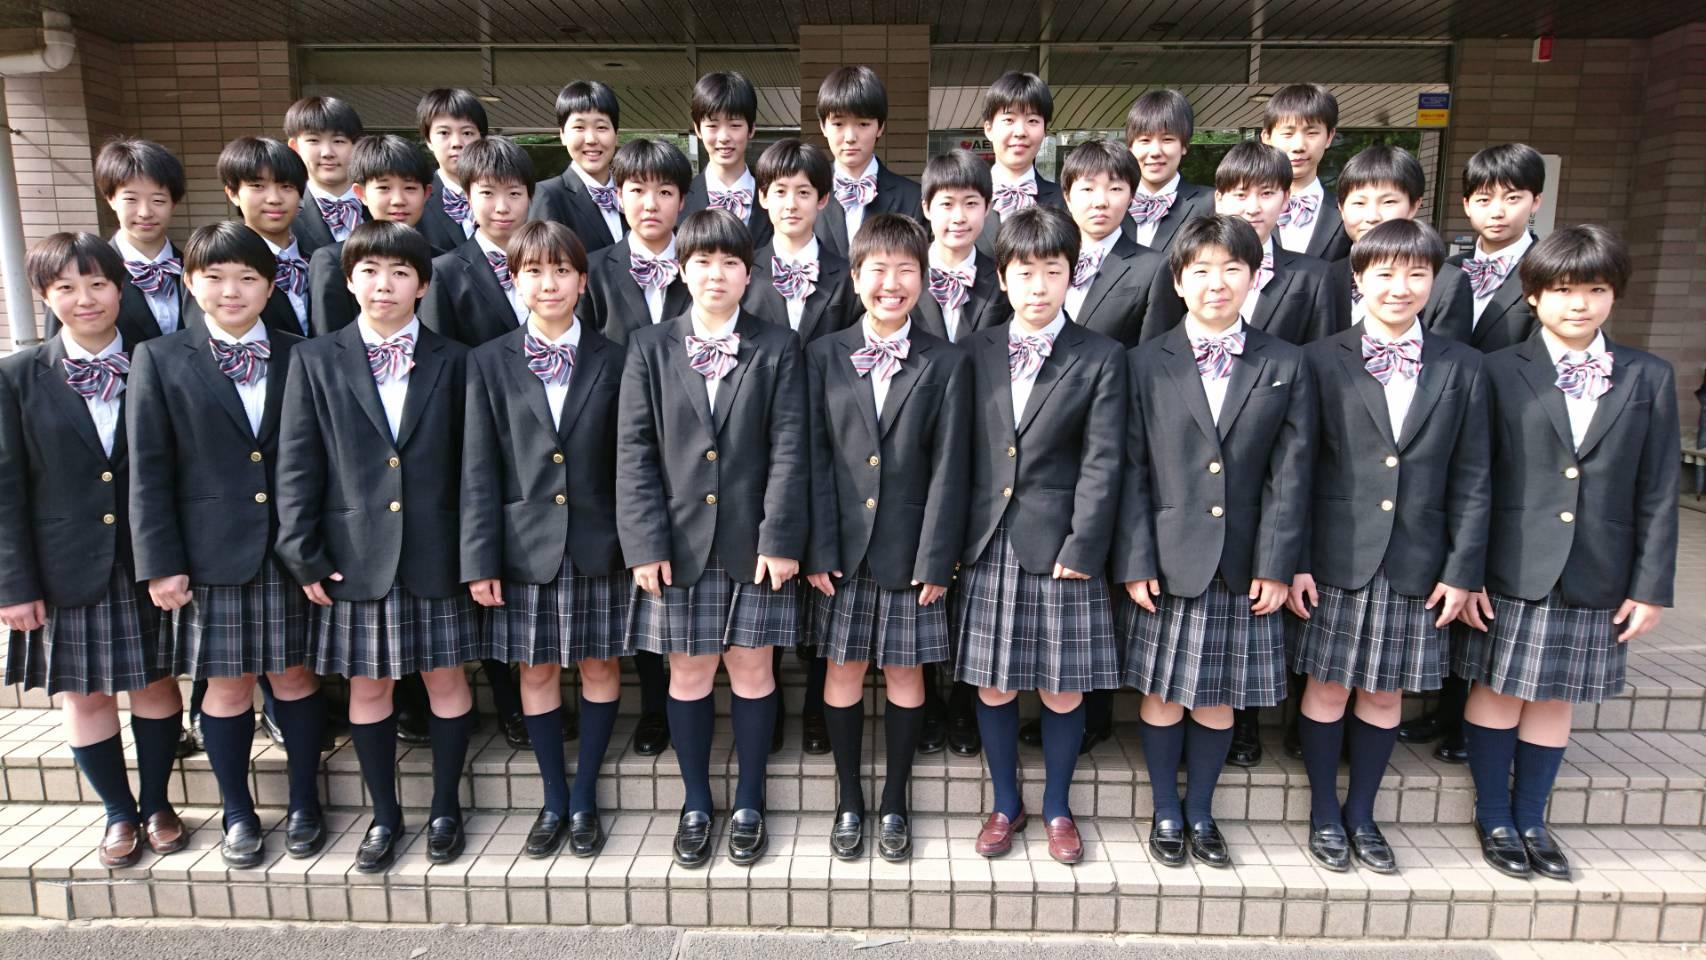 高校 制服 高島